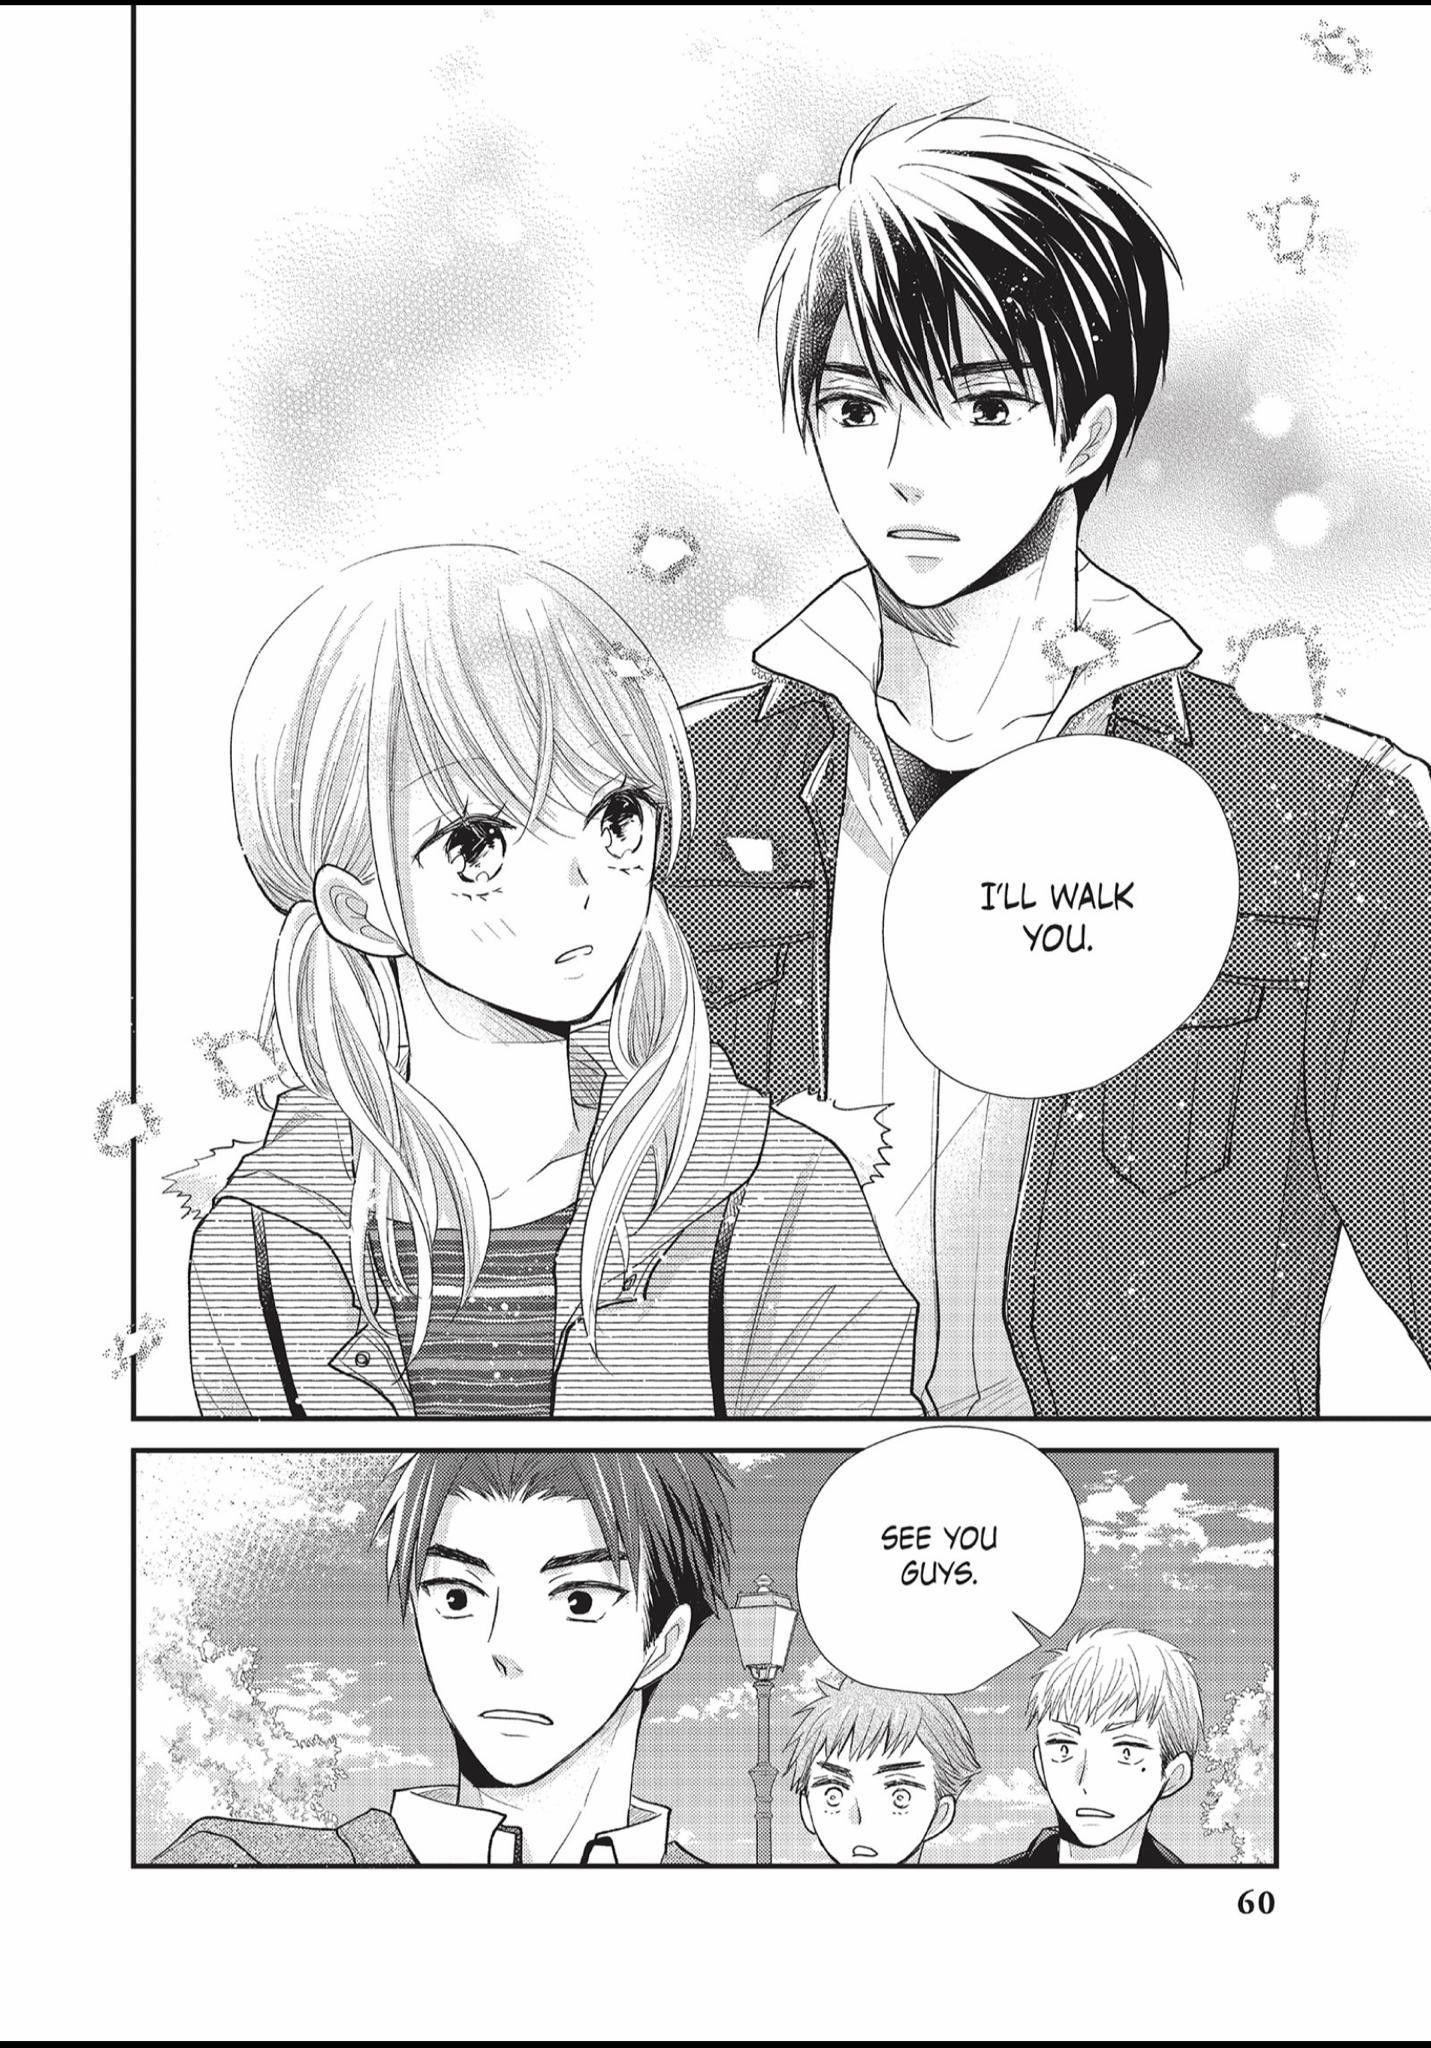 Pin by Zandriyah on Part 1 Shoujo Manga